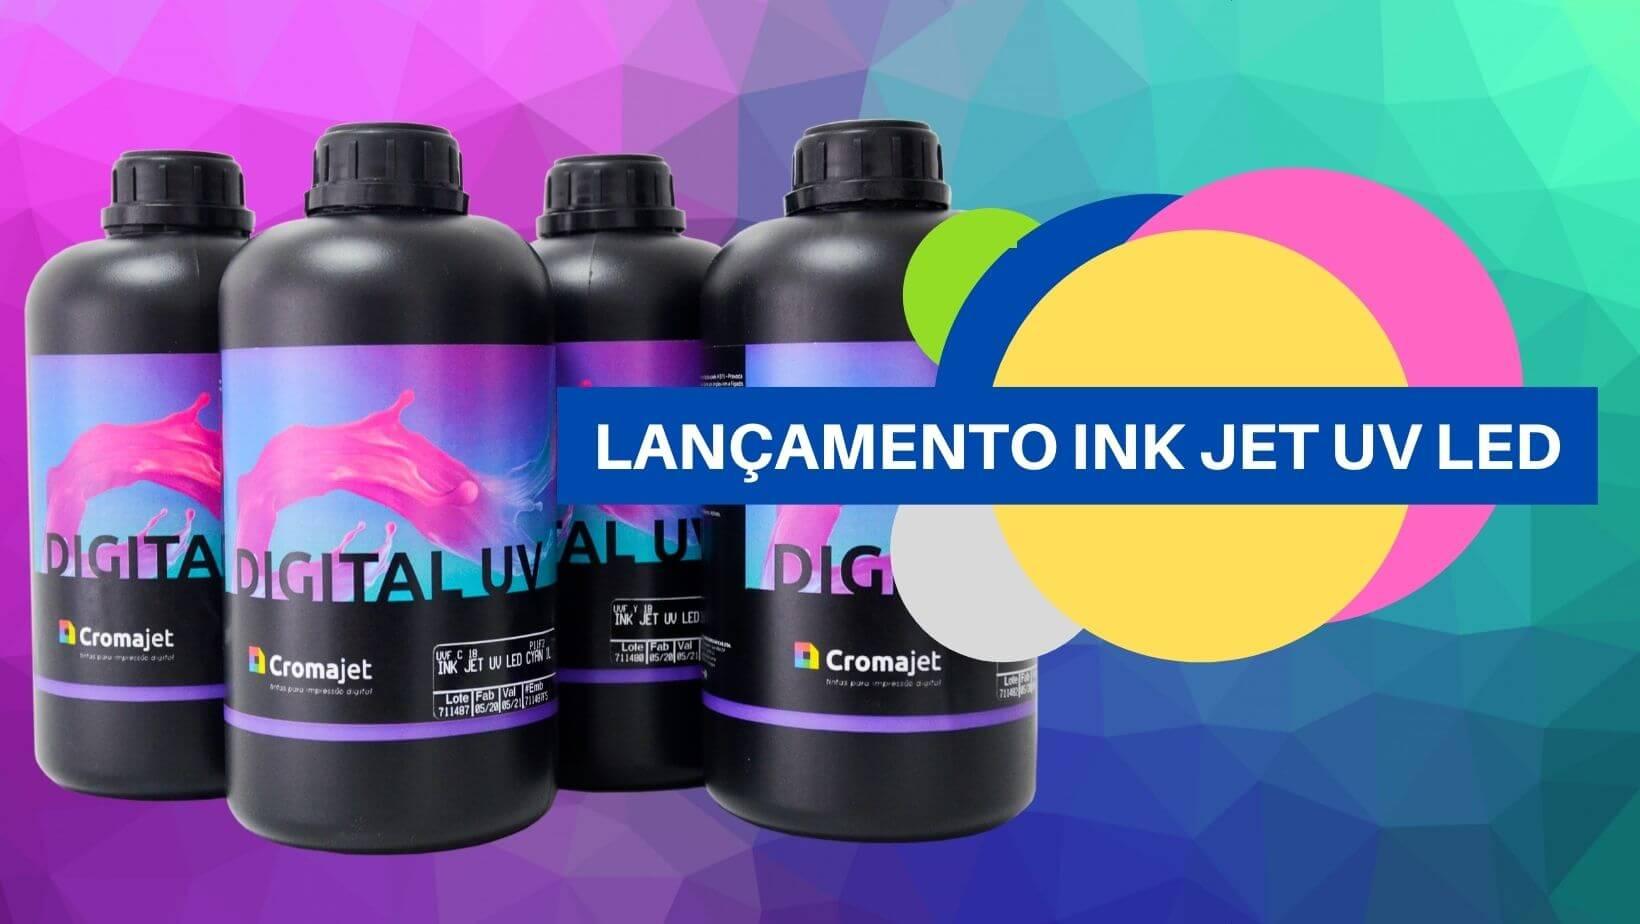 LANCAMENTO INK JET UV LED 1 - LANÇAMENTO INK JET UV LED